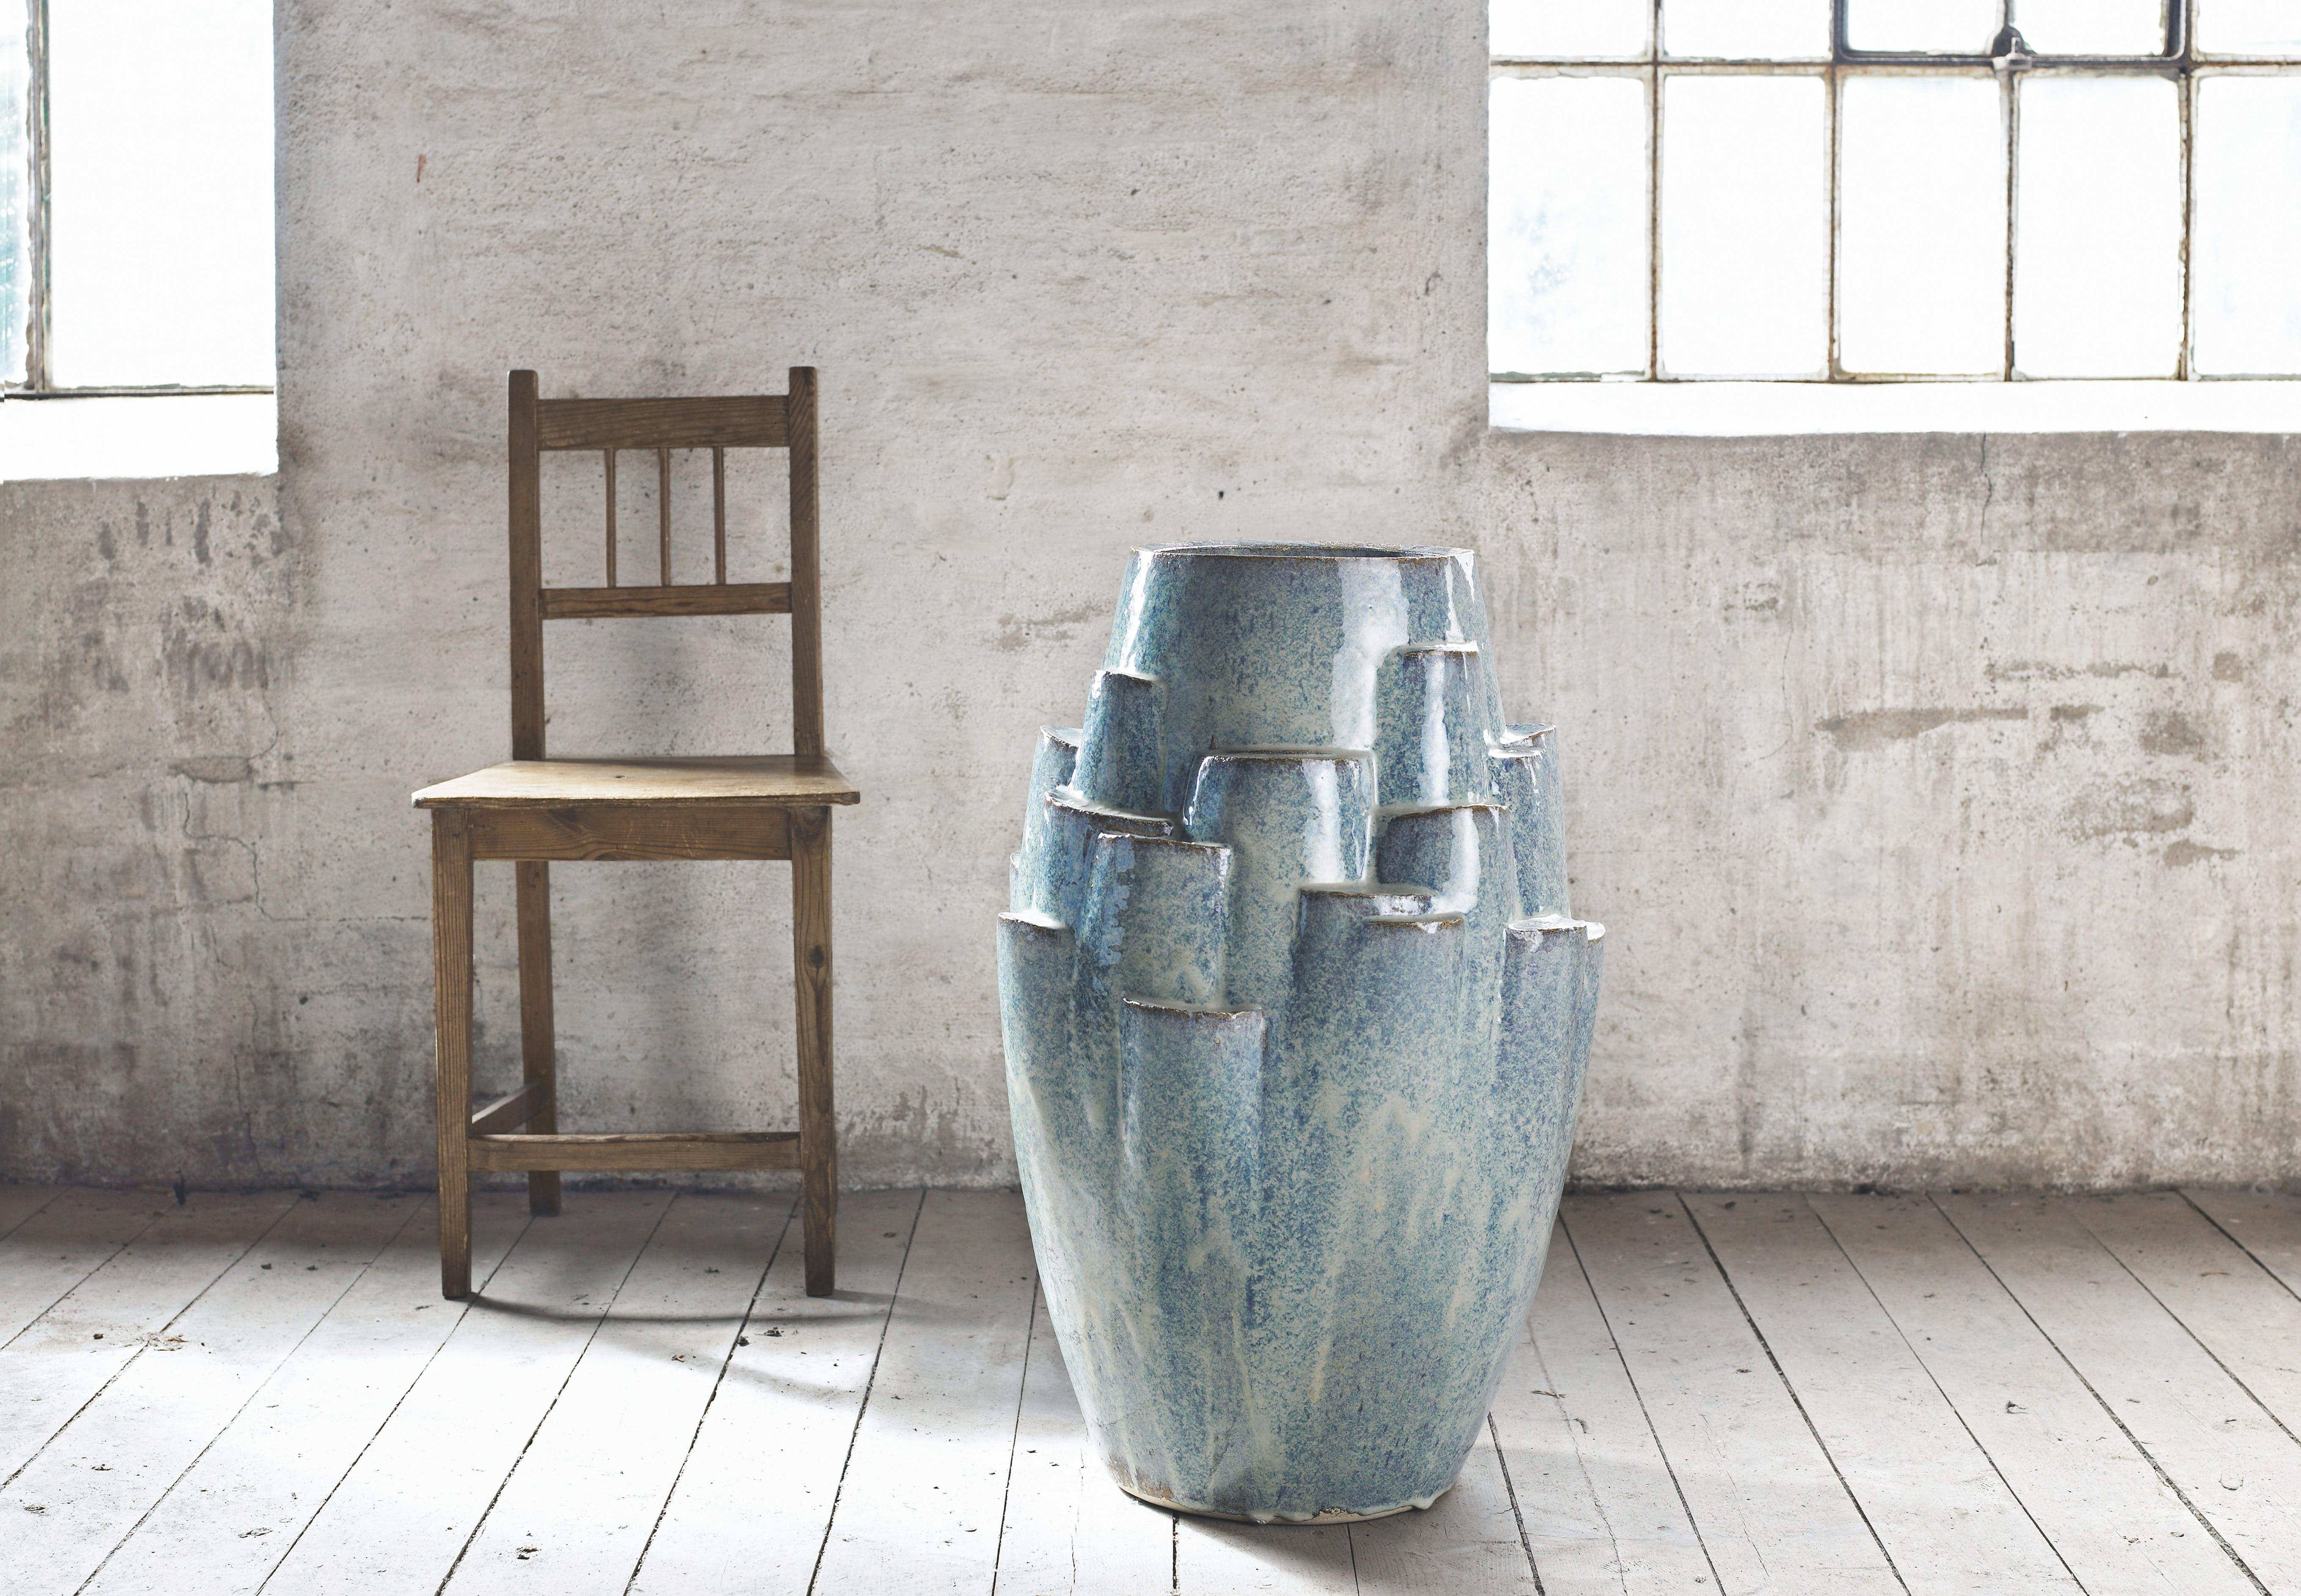 Knabstrup Keramik kæmpe gulvkrukke i blå